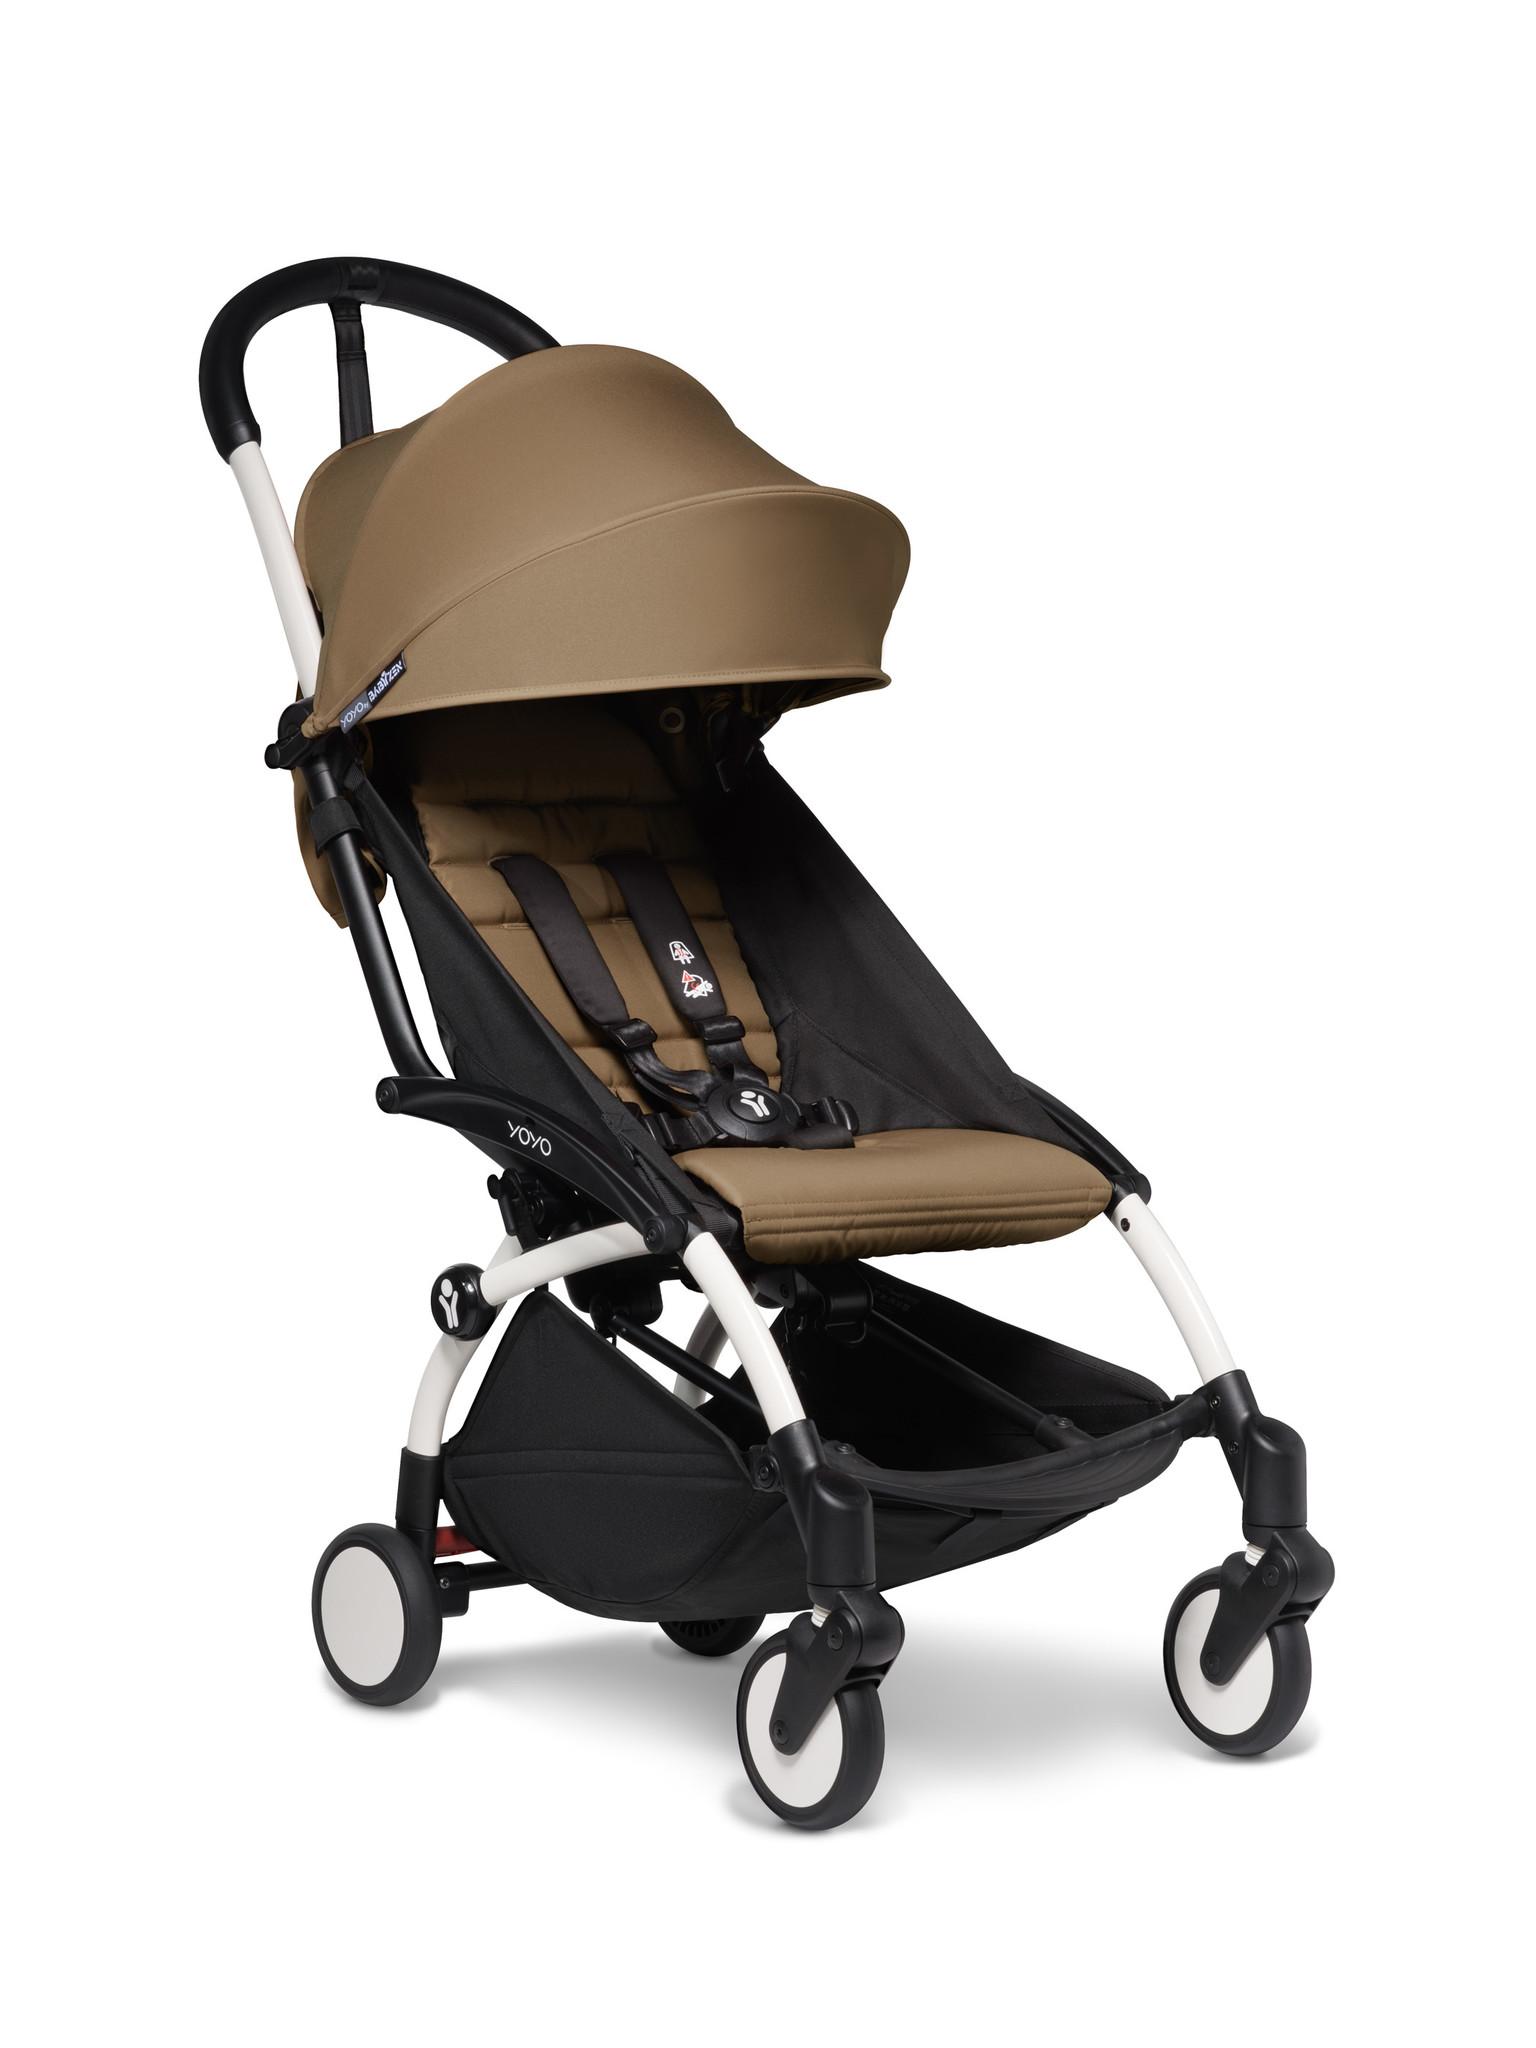 Babyzen Babyzen YOYO² Buggy VOLLSTÄNDIG von Geburt an, einschließlich YOYO² BeSafe Autositz schwarz und YOYO Bag - Toffee mit Rahmen weiß